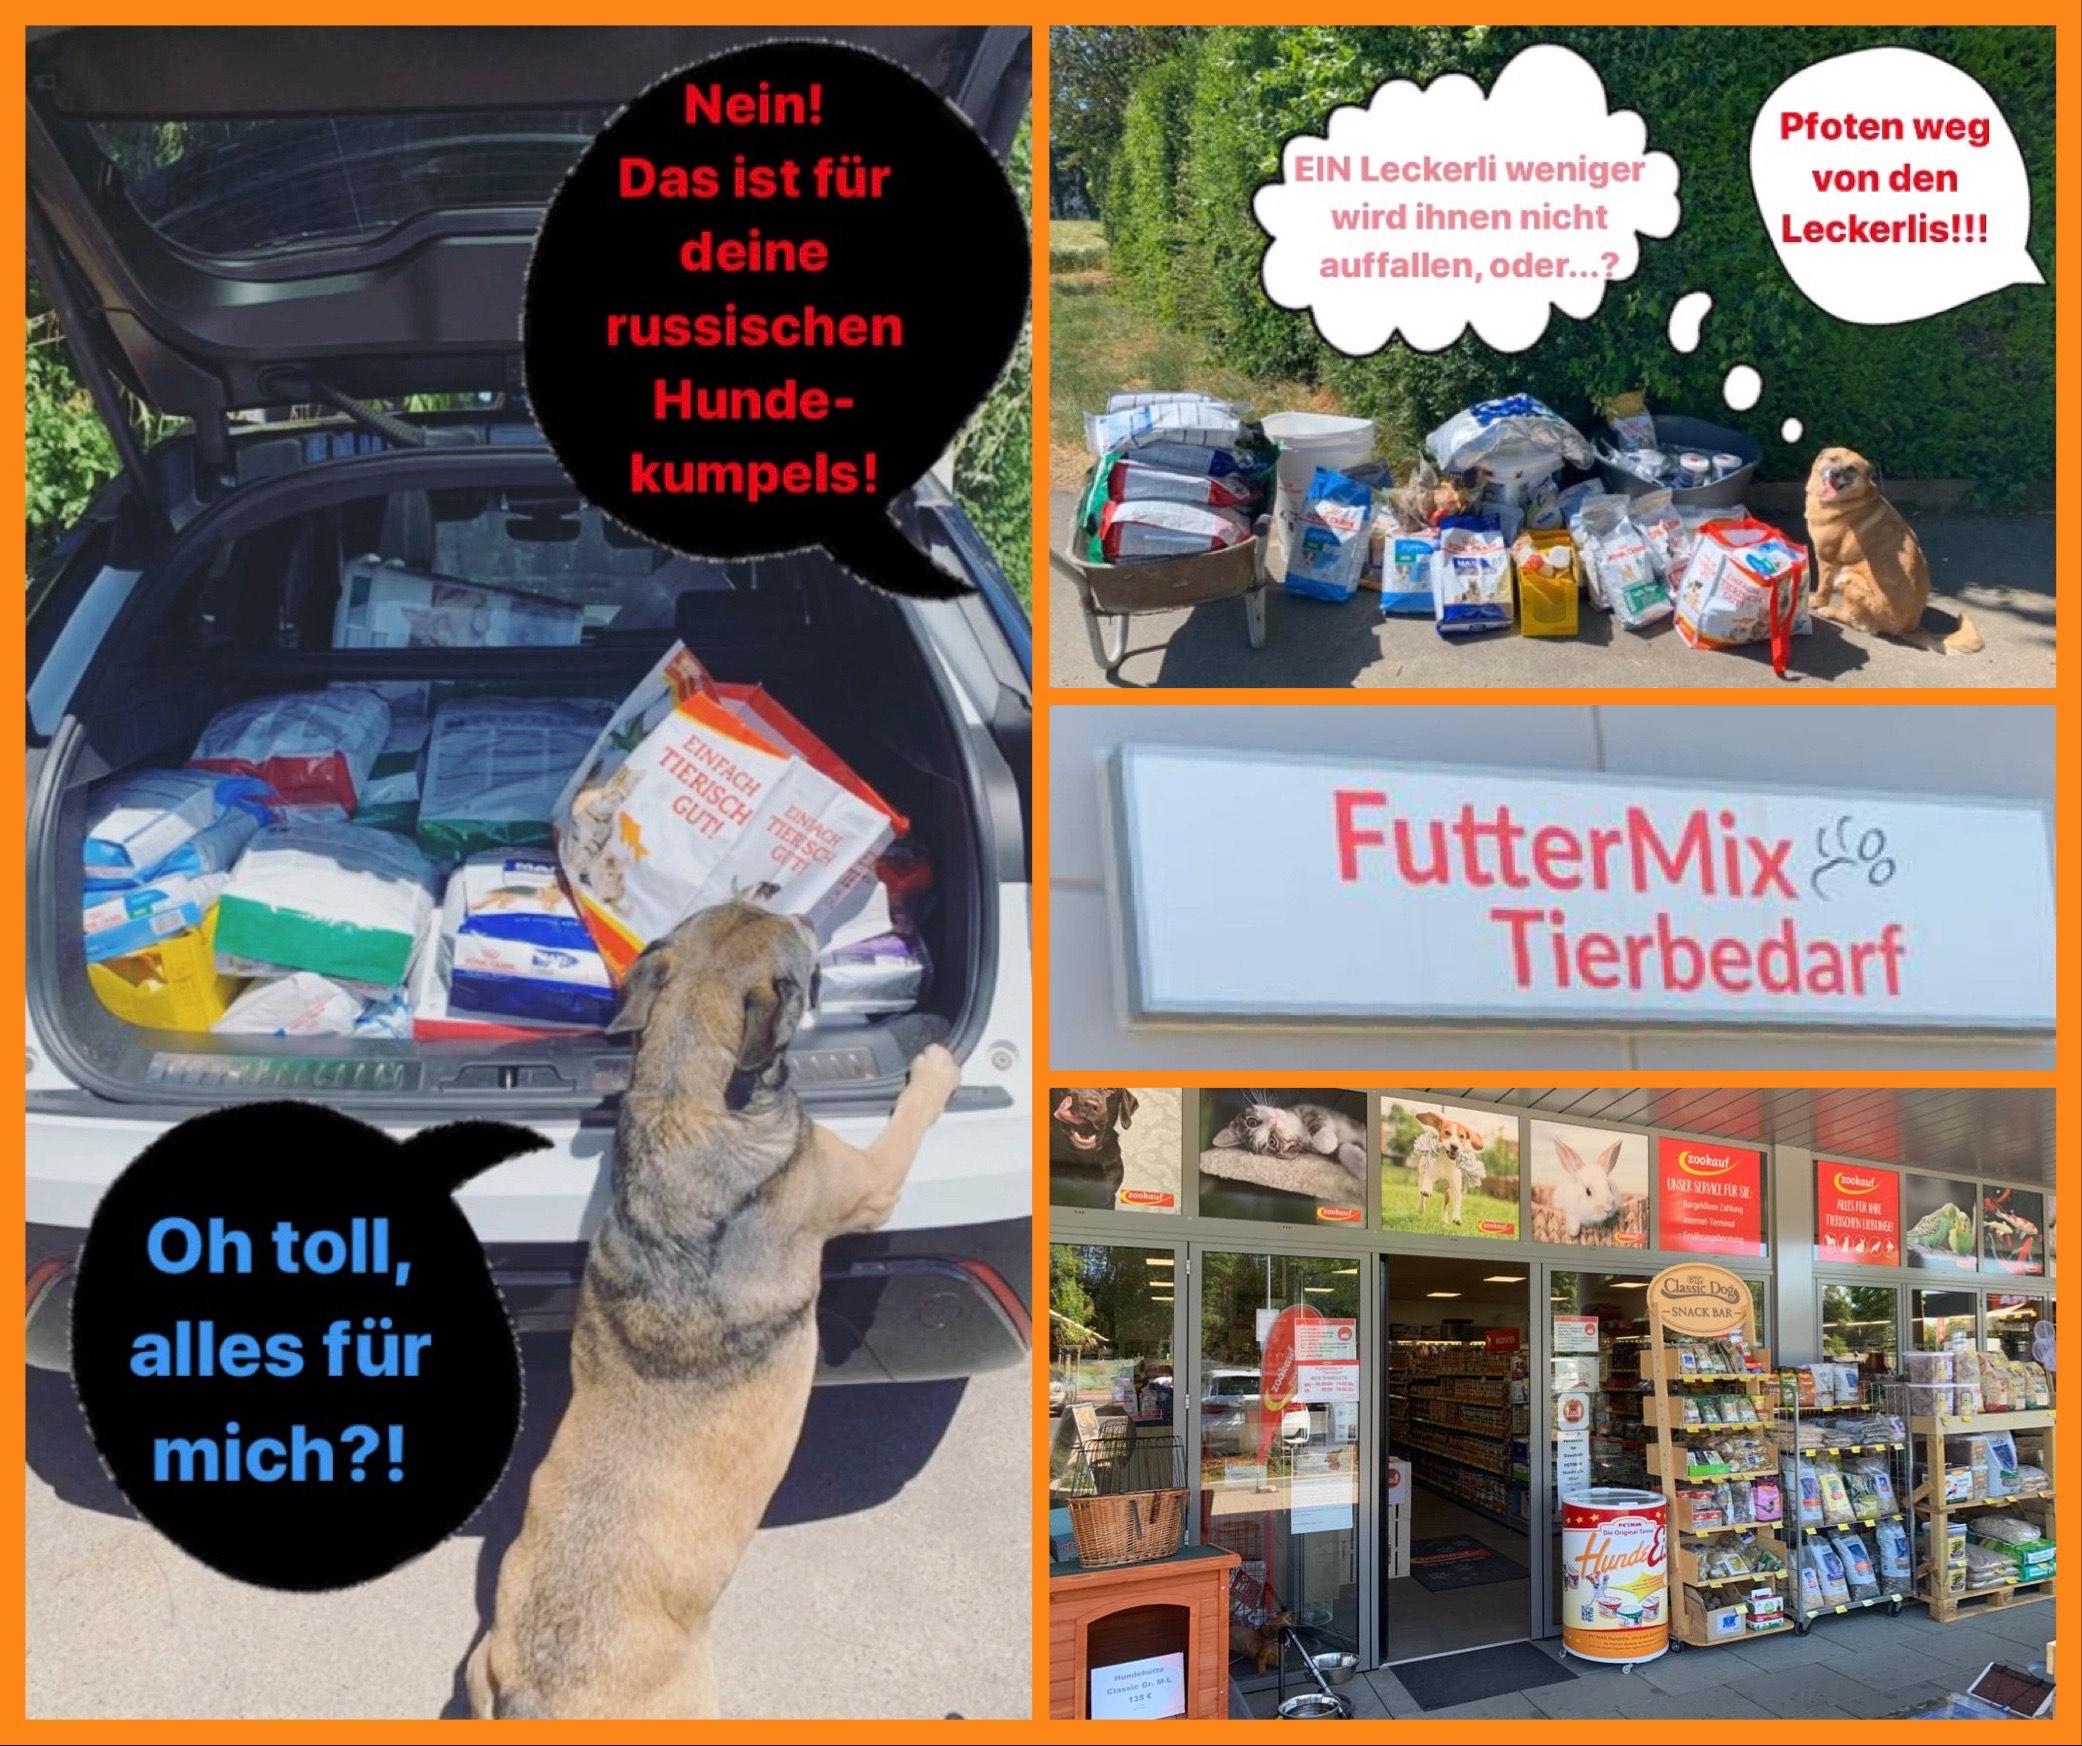 Dankeschön an Futtermix Tierbedarf